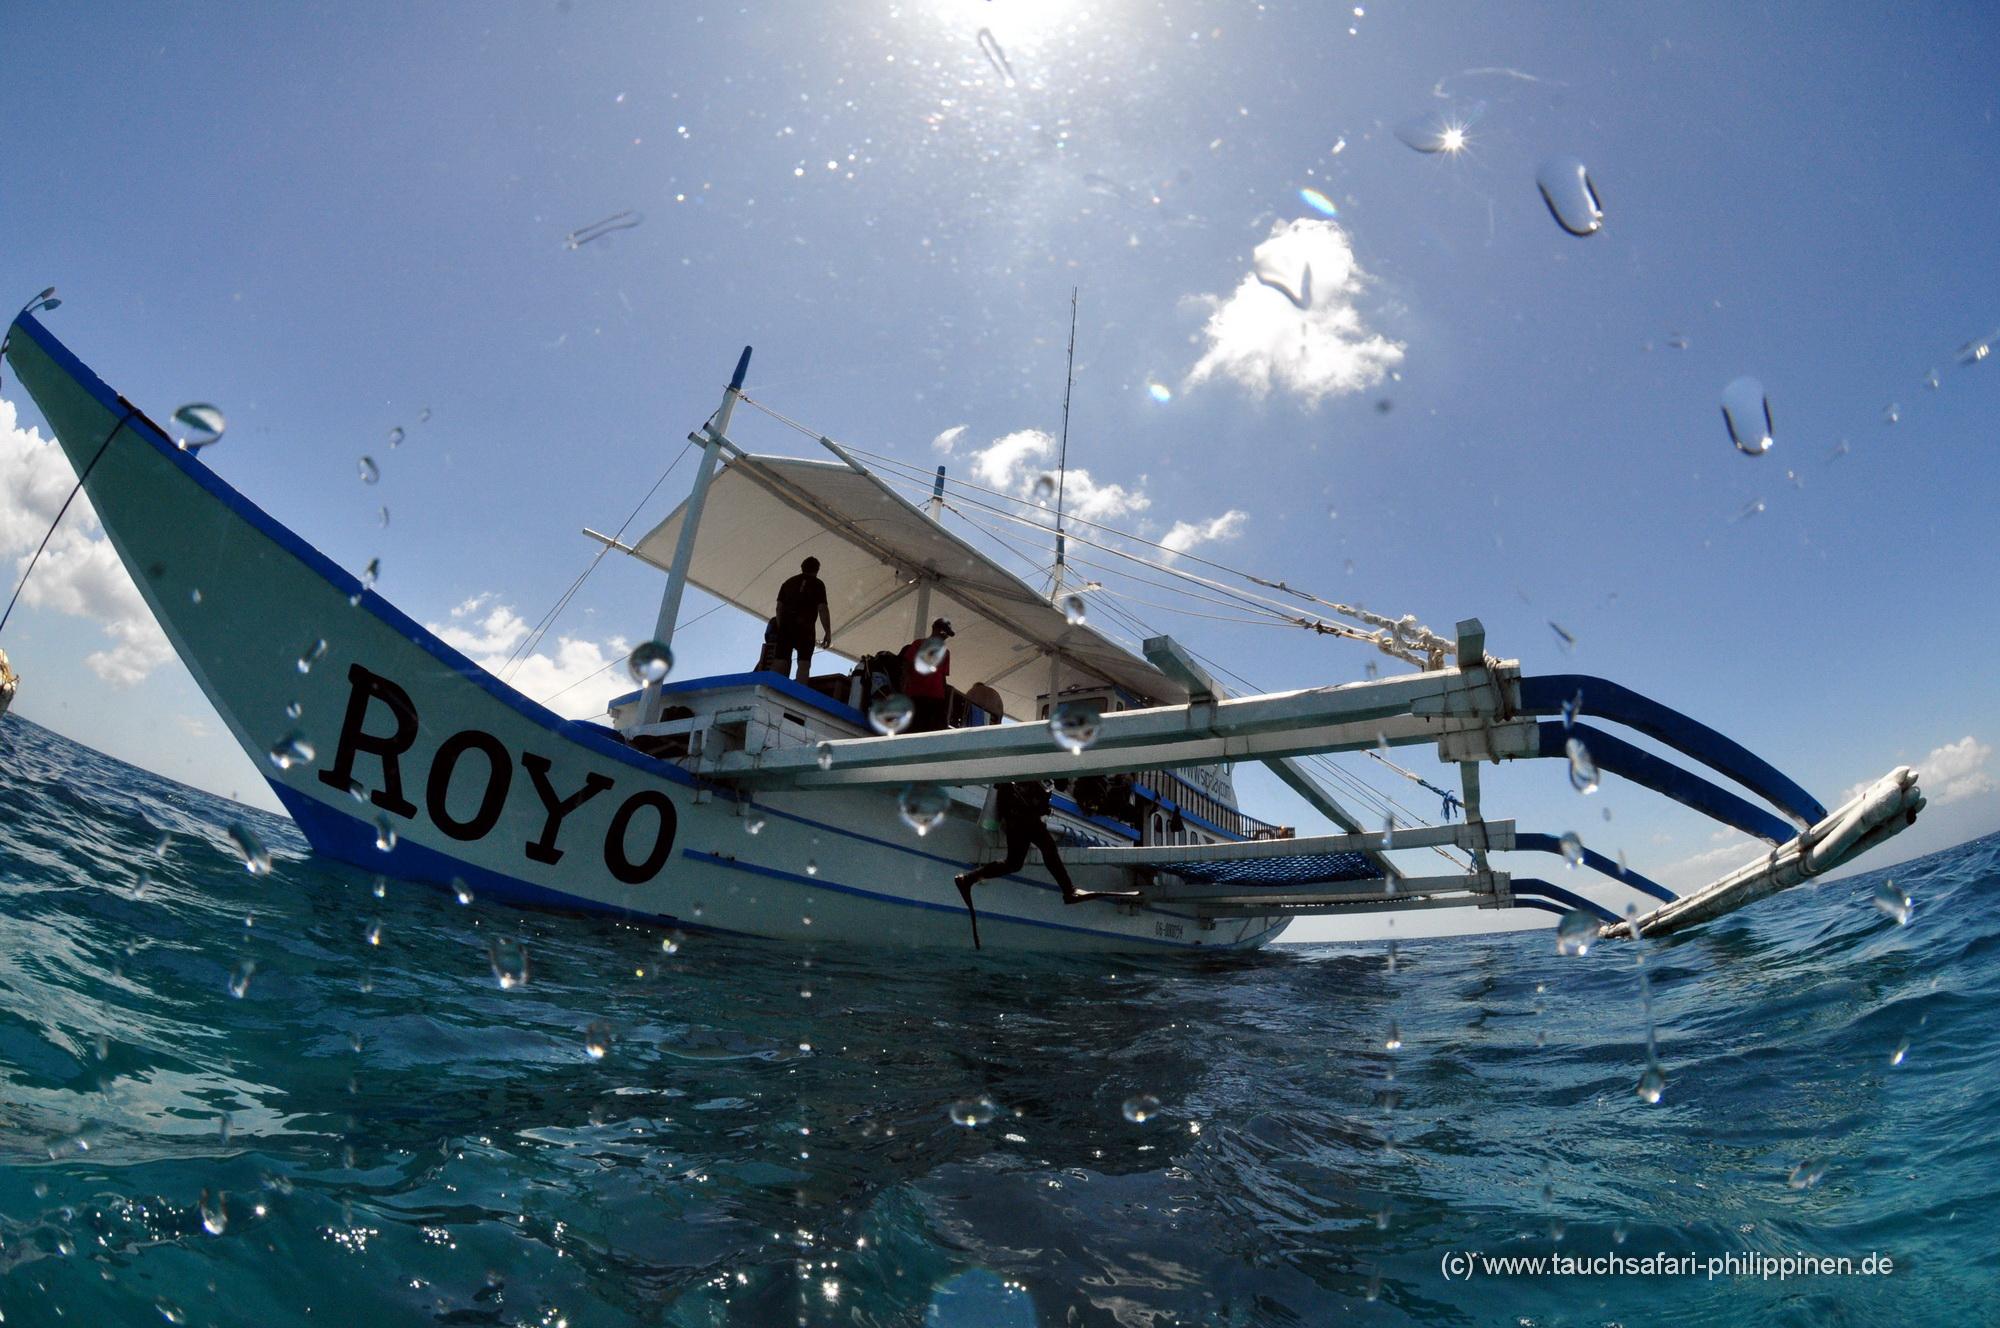 Safariboot Royo - Tauchsafari Philippinen